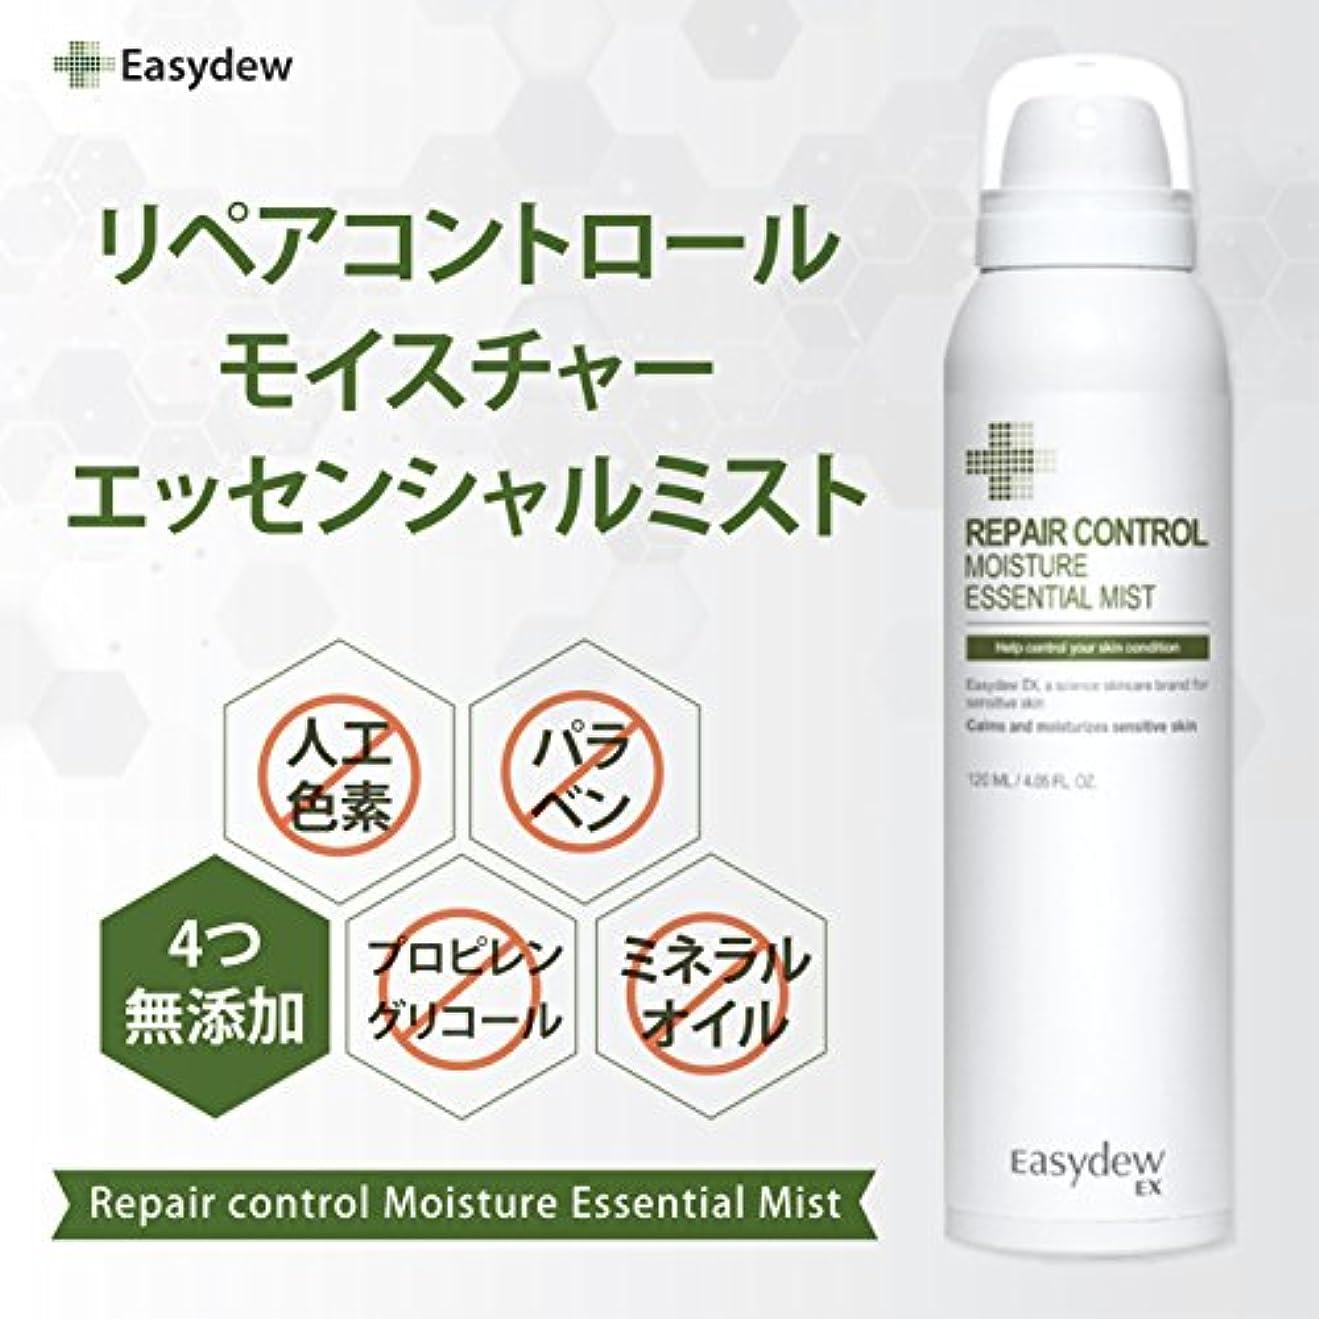 管理する名義でルネッサンスEASYDEW EX リペア コントロール モイスチャー エッセンシャル ミスト Repair Control Moisture Essential Mist 120ml